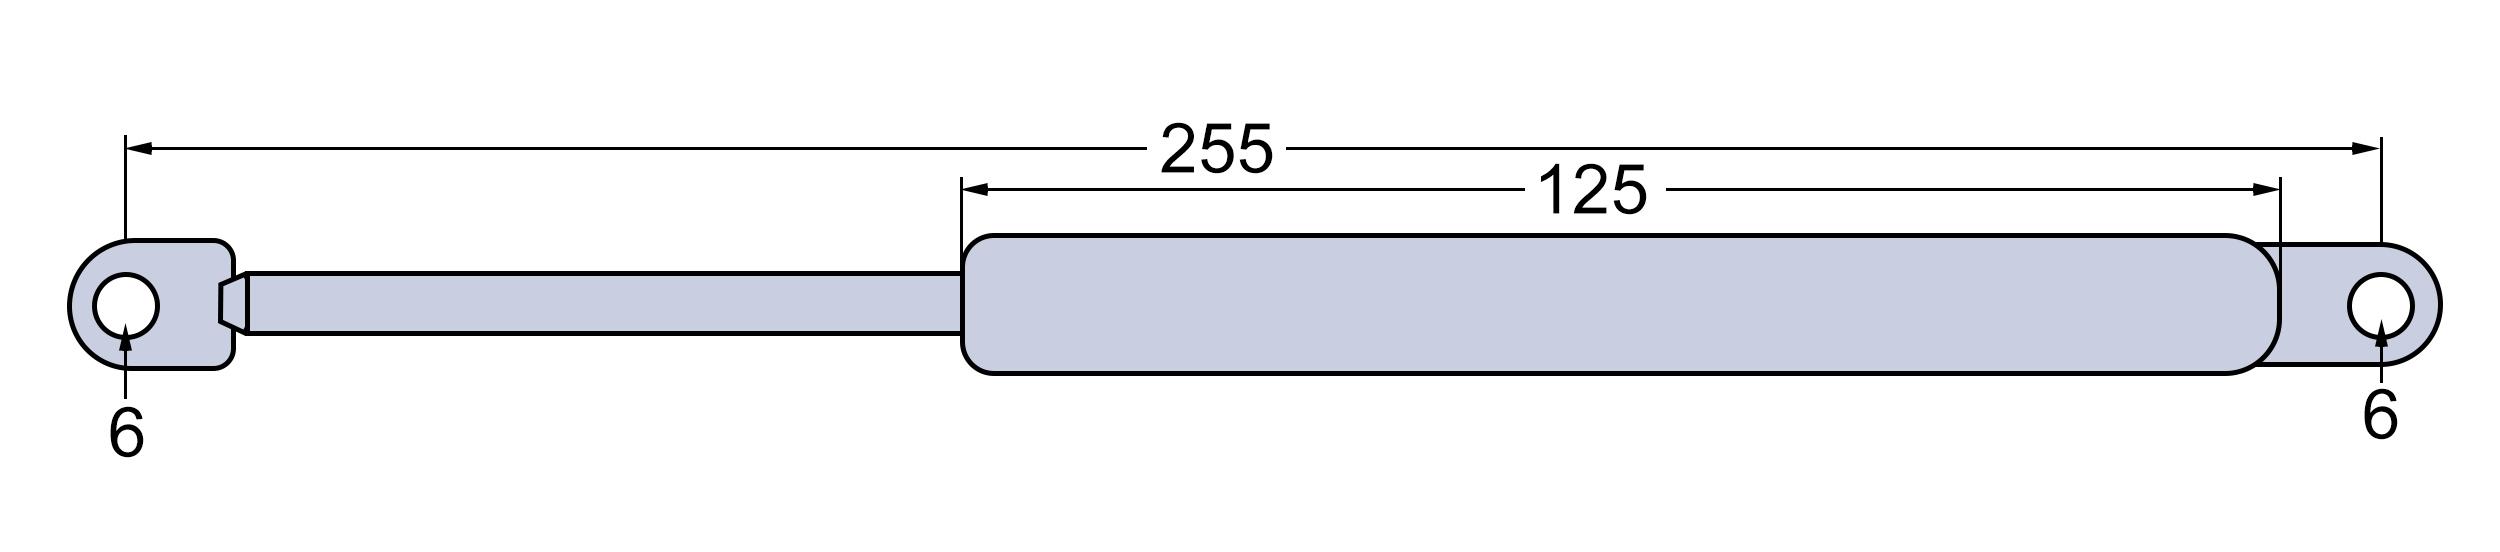 Gasdämpfer Gasfeder für CASE IHC XL Kabine Tür neu //